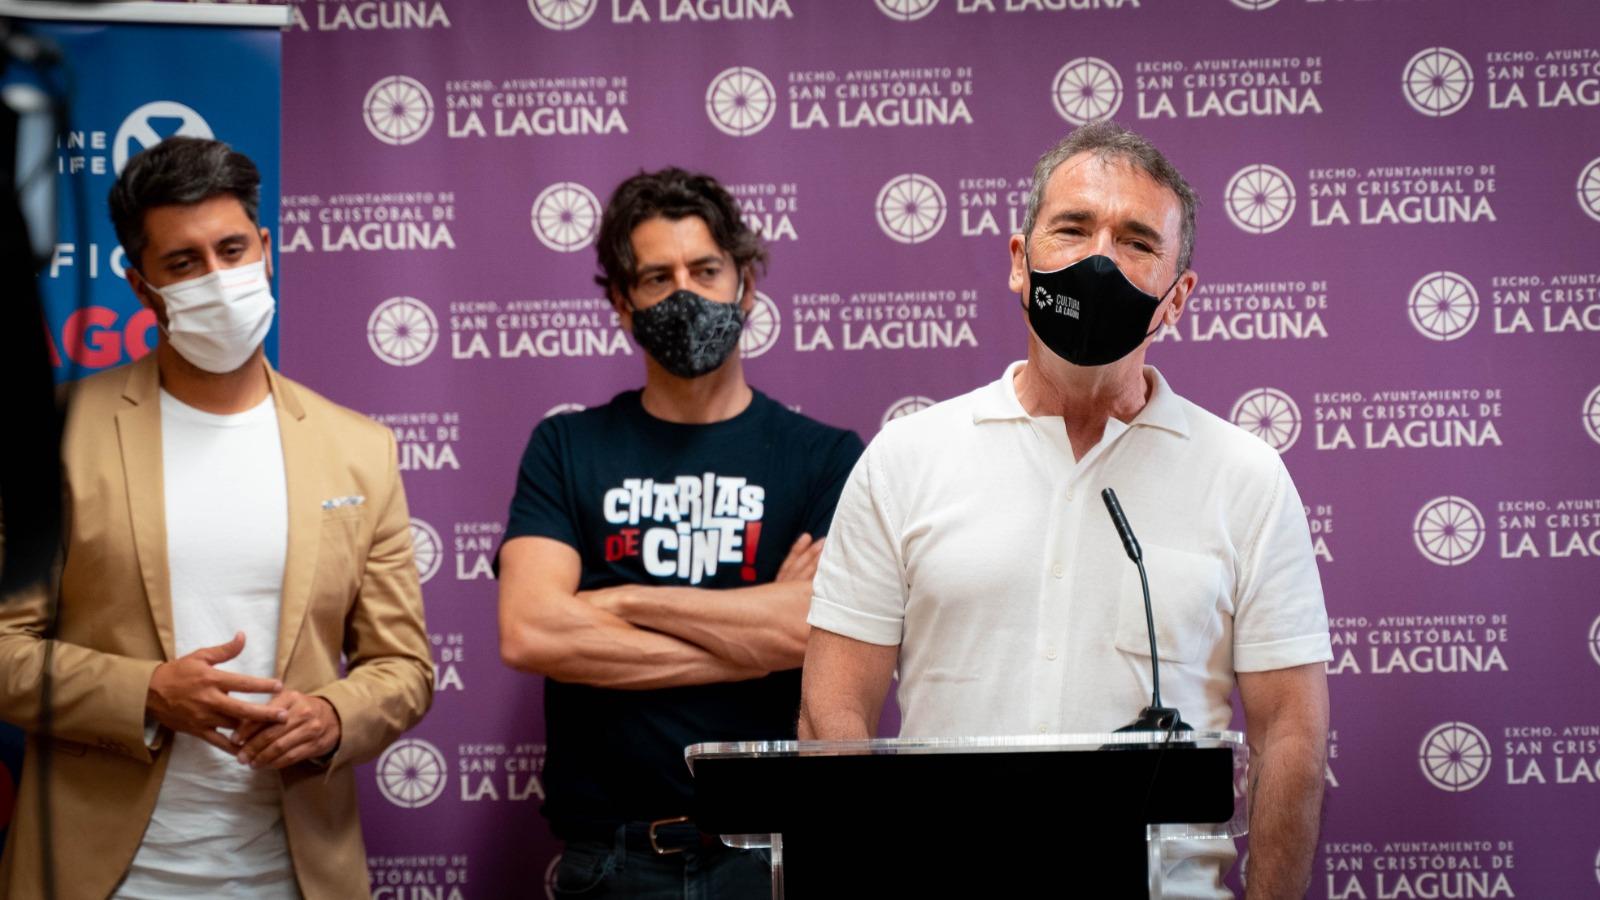 De izquierda a derecha, el alcalde de La Laguna Luis Yeray Gutiérrez, Eduardo Noriega y Santiago Tabernero.